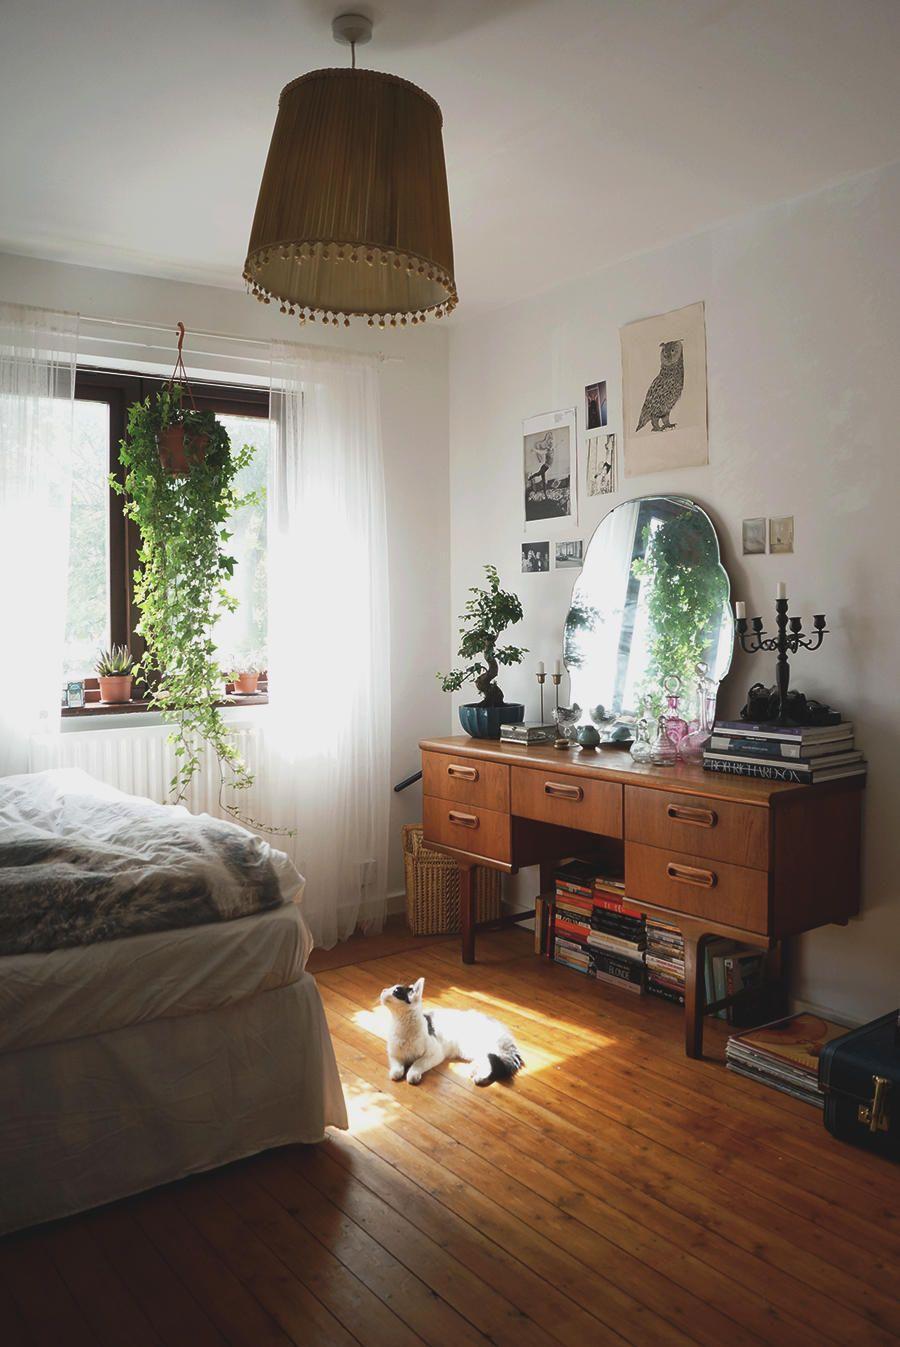 superior Vintage Bedrooms Pinterest Part - 14: lovisa ranta Dressing Table In Bedroom, Dressing Table Lamps, Dressing  Table Wooden, Vintage